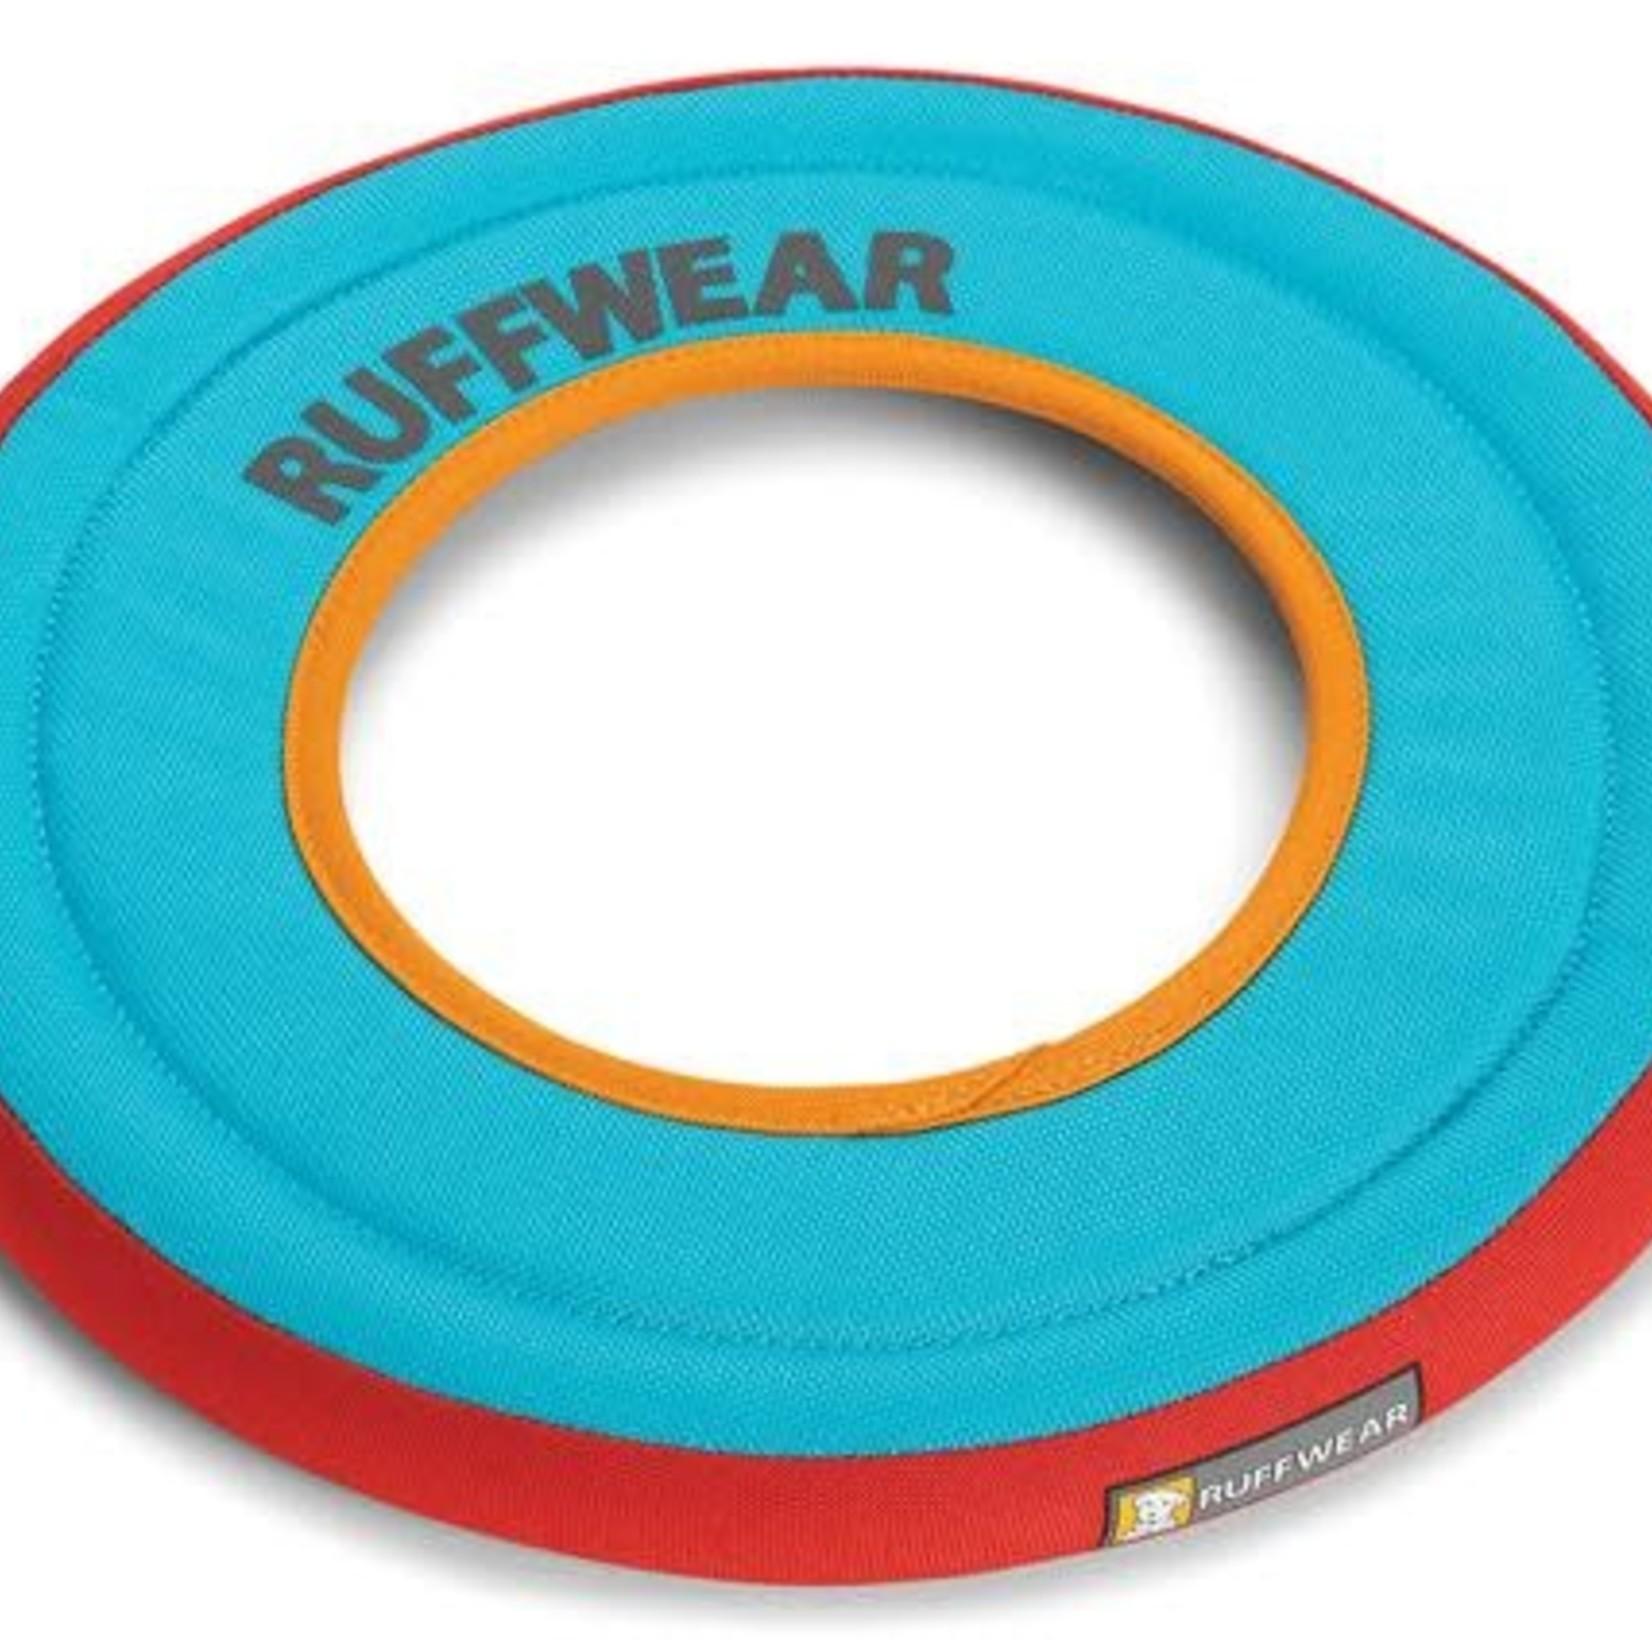 Ruff Wear Ruffwear Hydro Plane Floating Throw Toy Blue Atoll